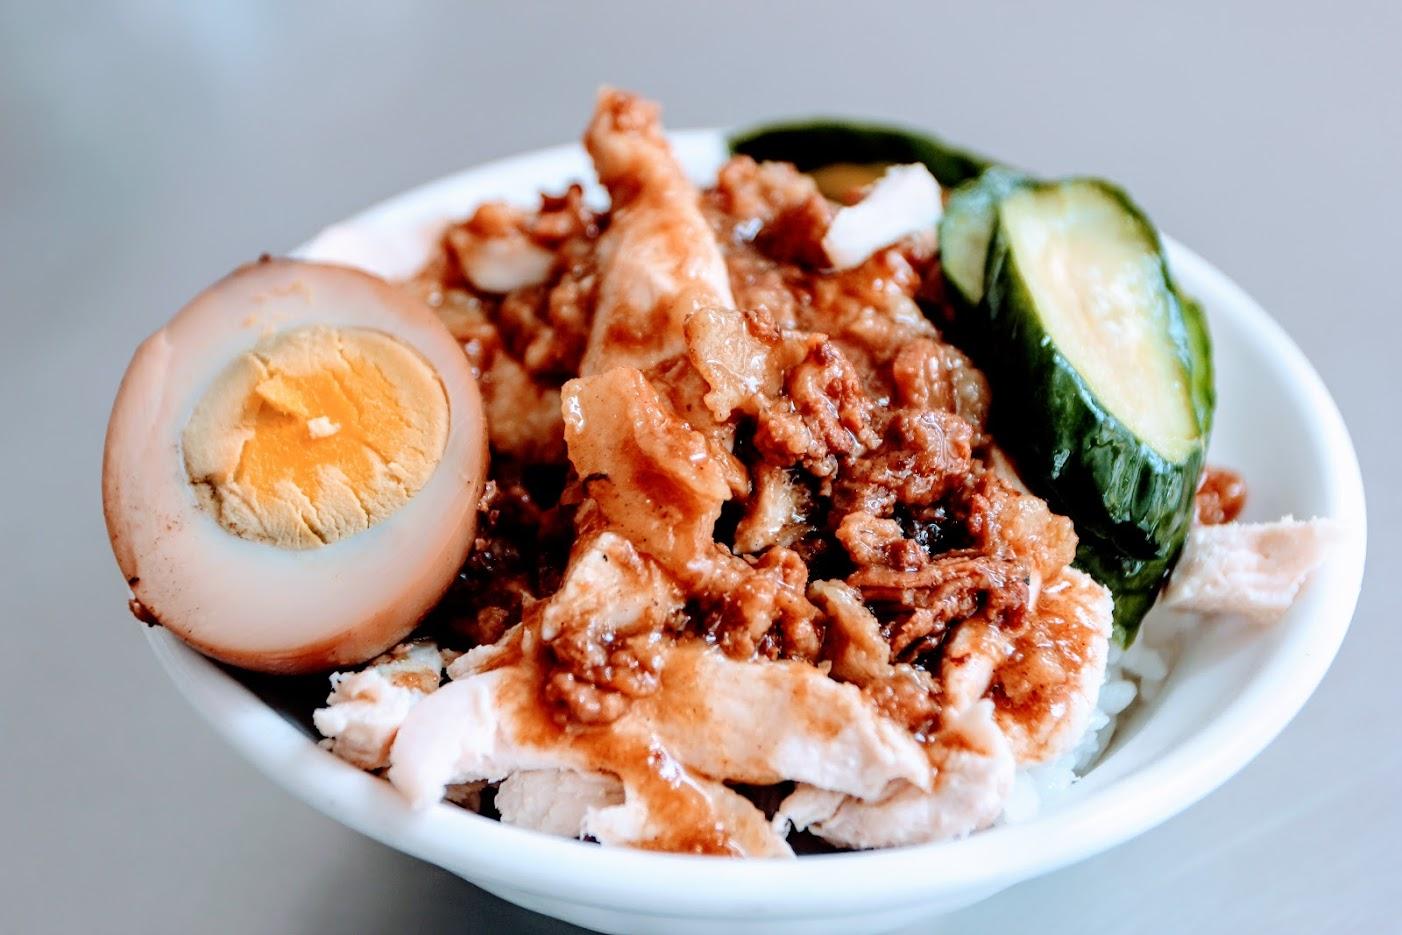 飯的話還蠻澎湃的阿...有黃瓜/雞肉絲/半顆蛋,只是雞肉絲略乾一些,還好湯汁給的多